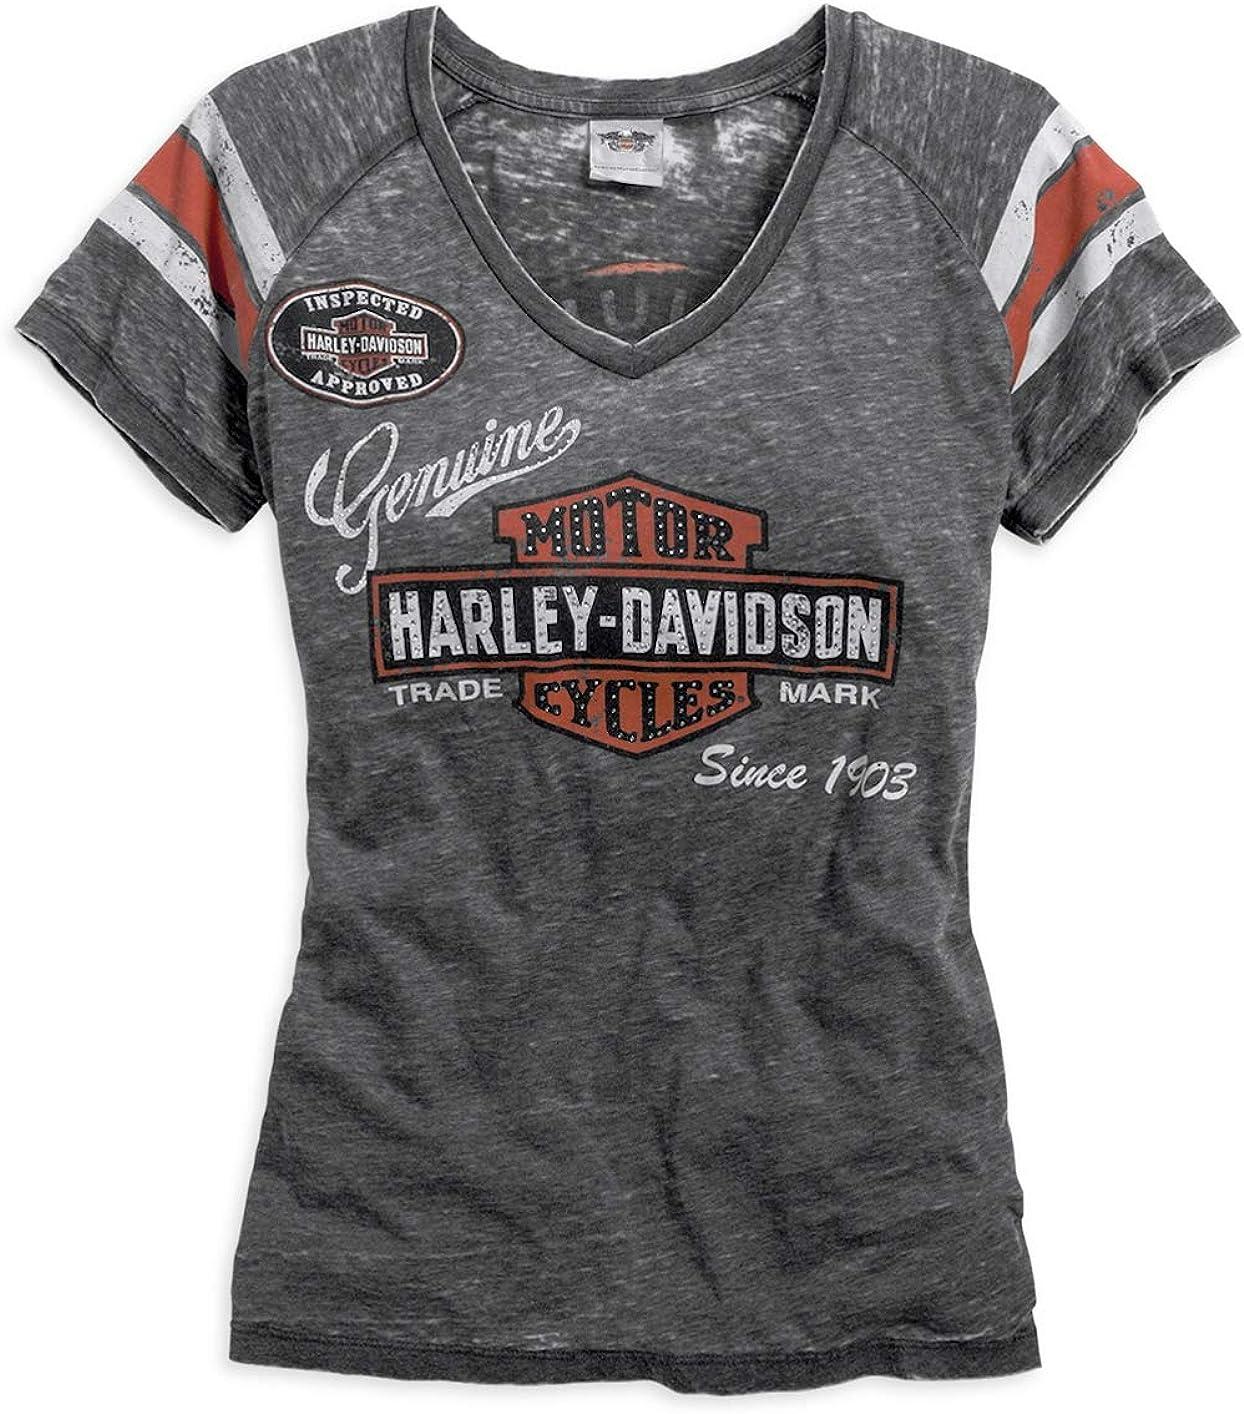 Harley-Davidson - Camiseta para mujer, color gris - Gris - Small: Amazon.es: Ropa y accesorios